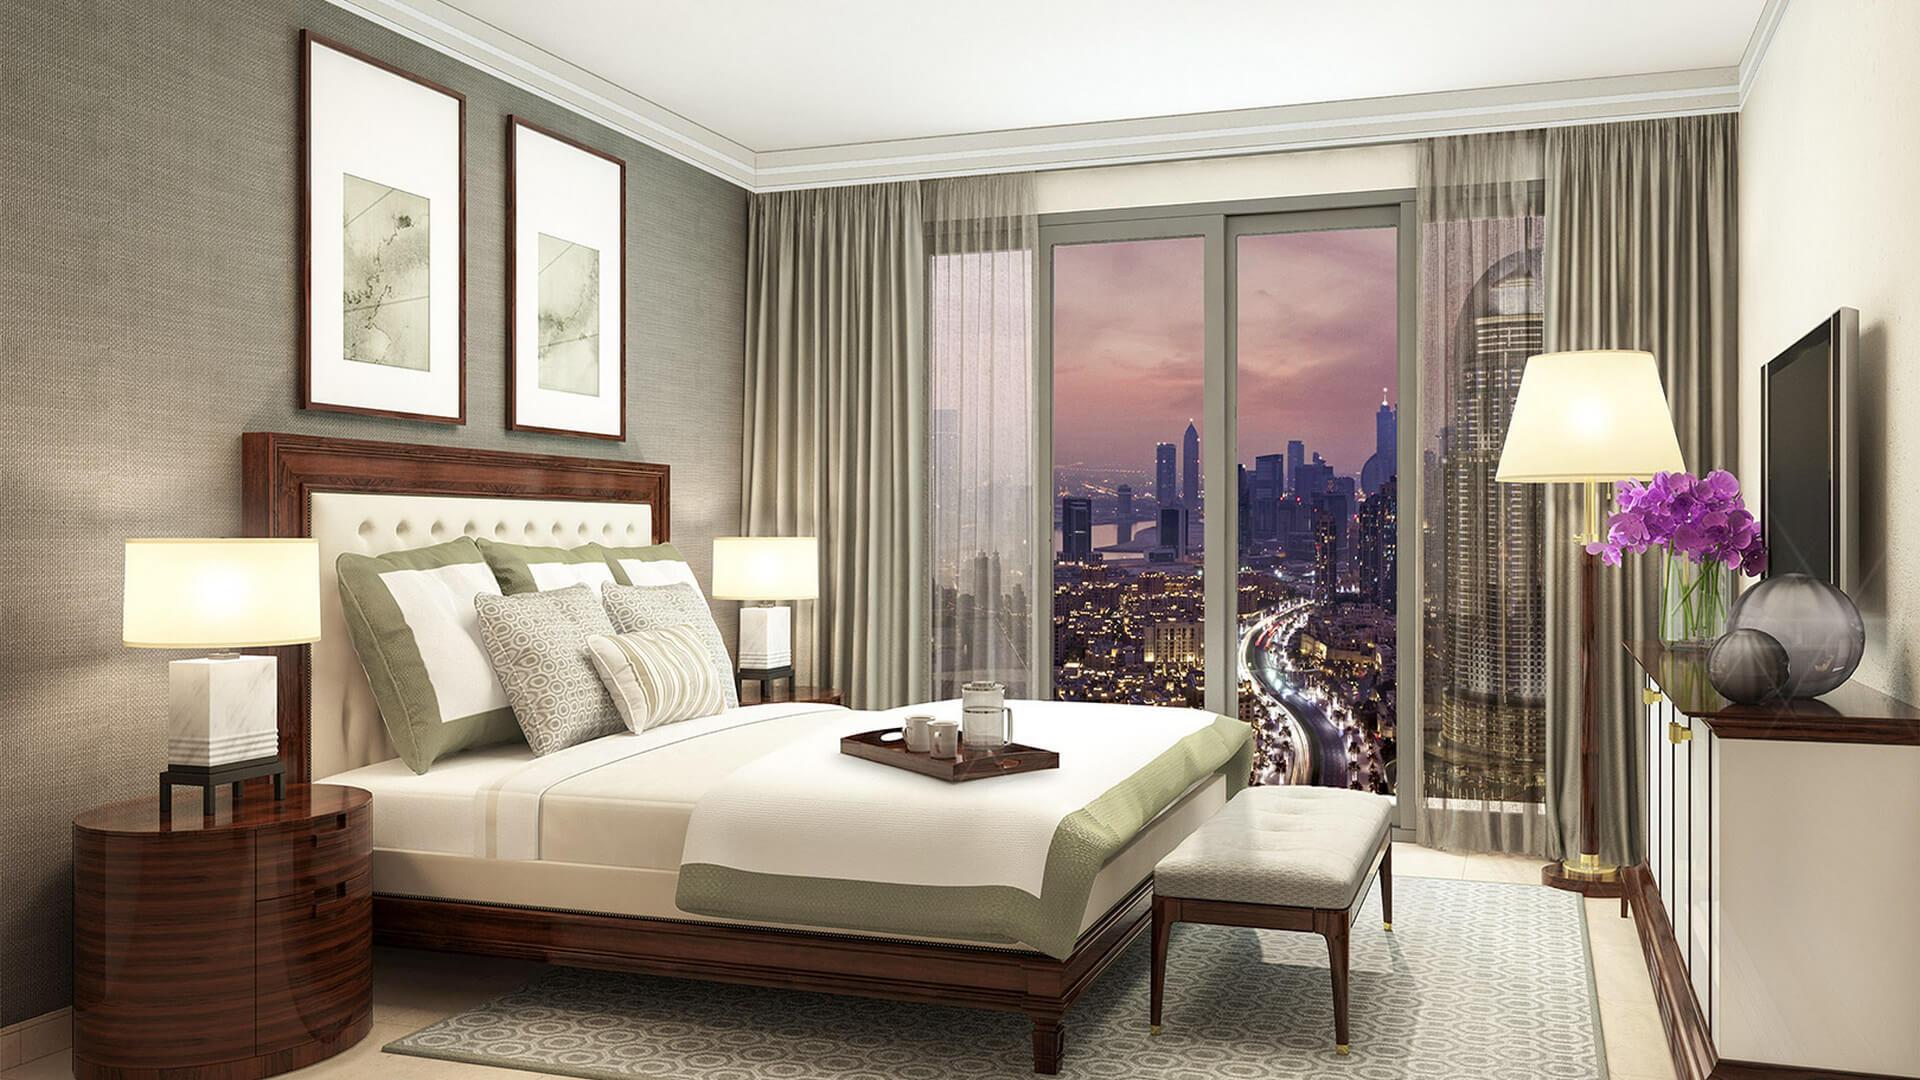 Apartment for sale in Dubai, UAE, 1 bedroom, 91 m2, No. 24093 – photo 1